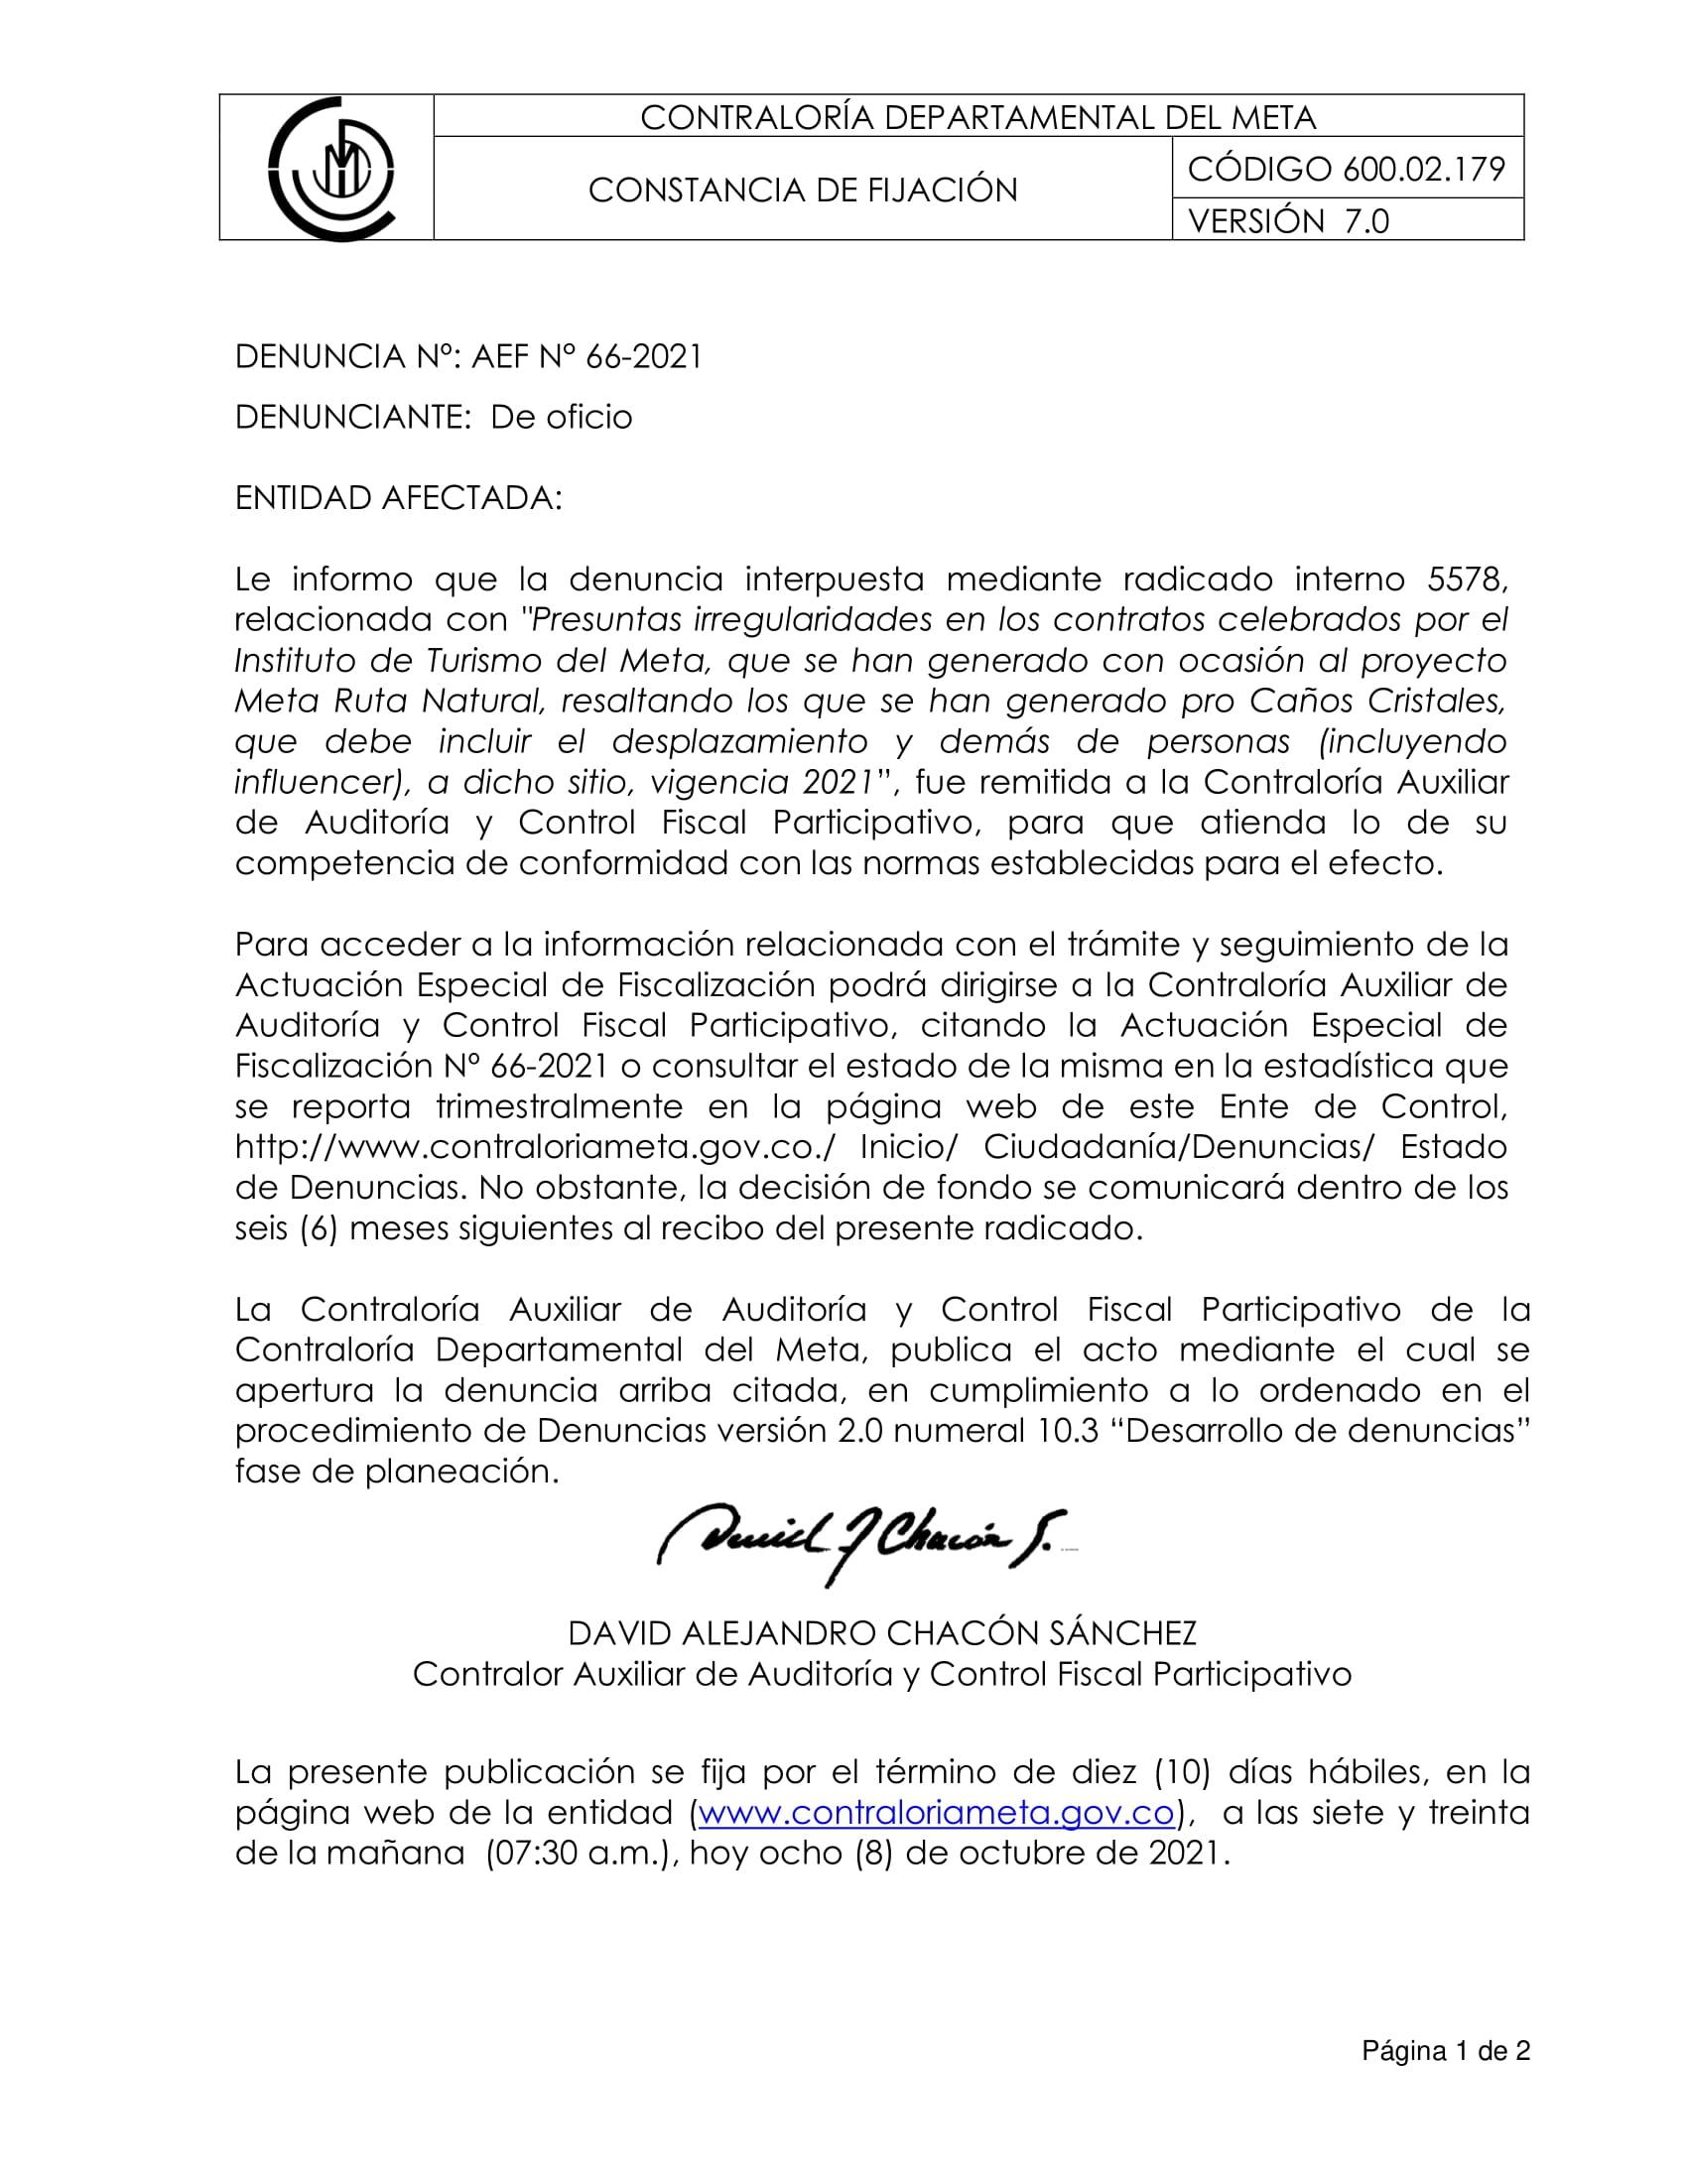 constancia-de-fijacion-apertura-aef-66-2021-1